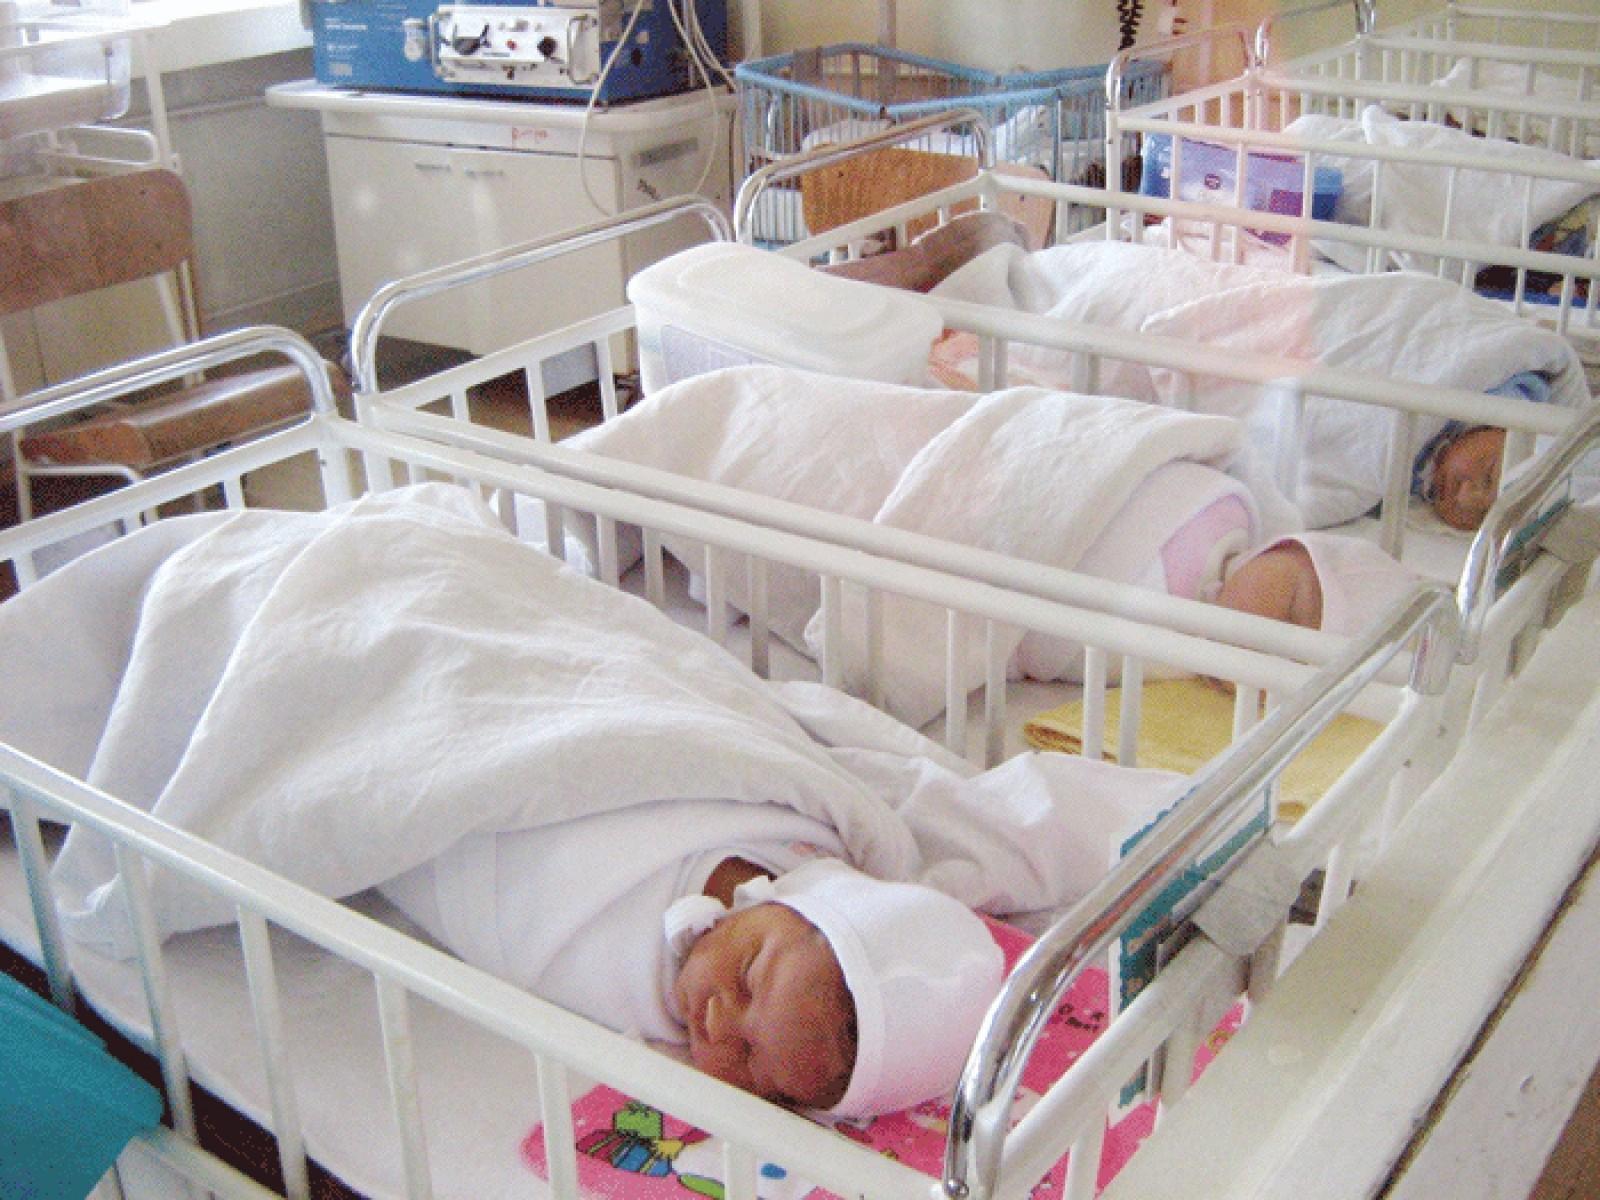 Reacția Spitalului Clinic Municipal nr.1 la poveștile înfiorătoare a celor 98 de femei, care au născut în instituția medicală